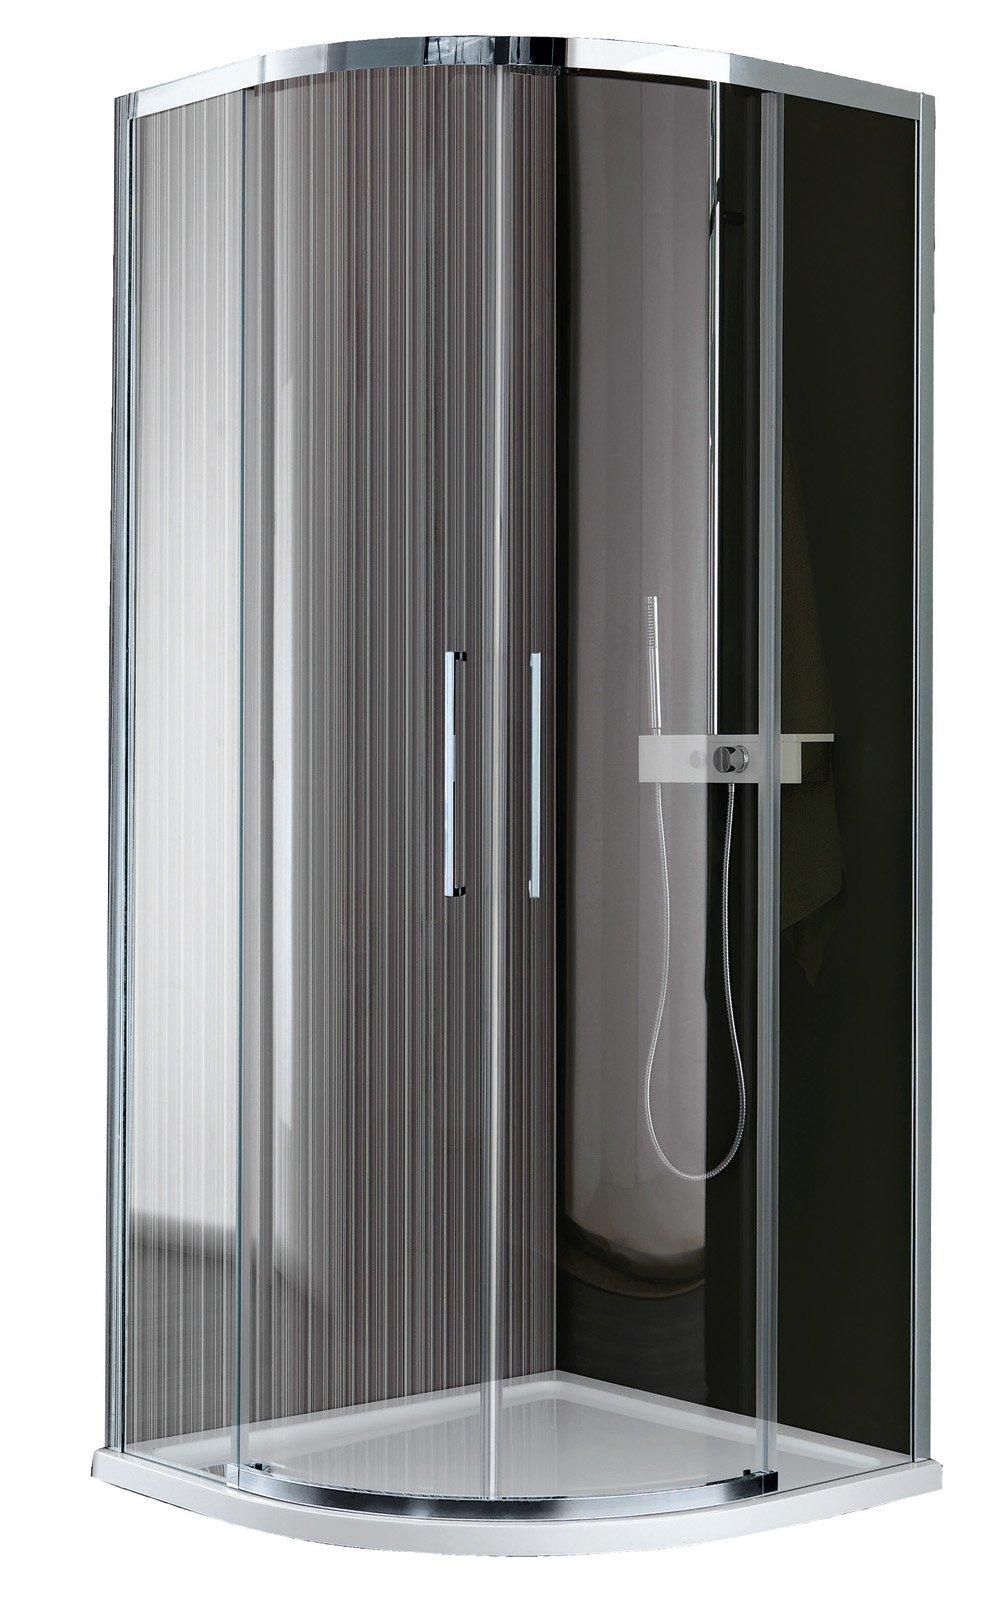 Soluzioni per il bagno piccolo cose di casa - Bagno piccolo con doccia ...